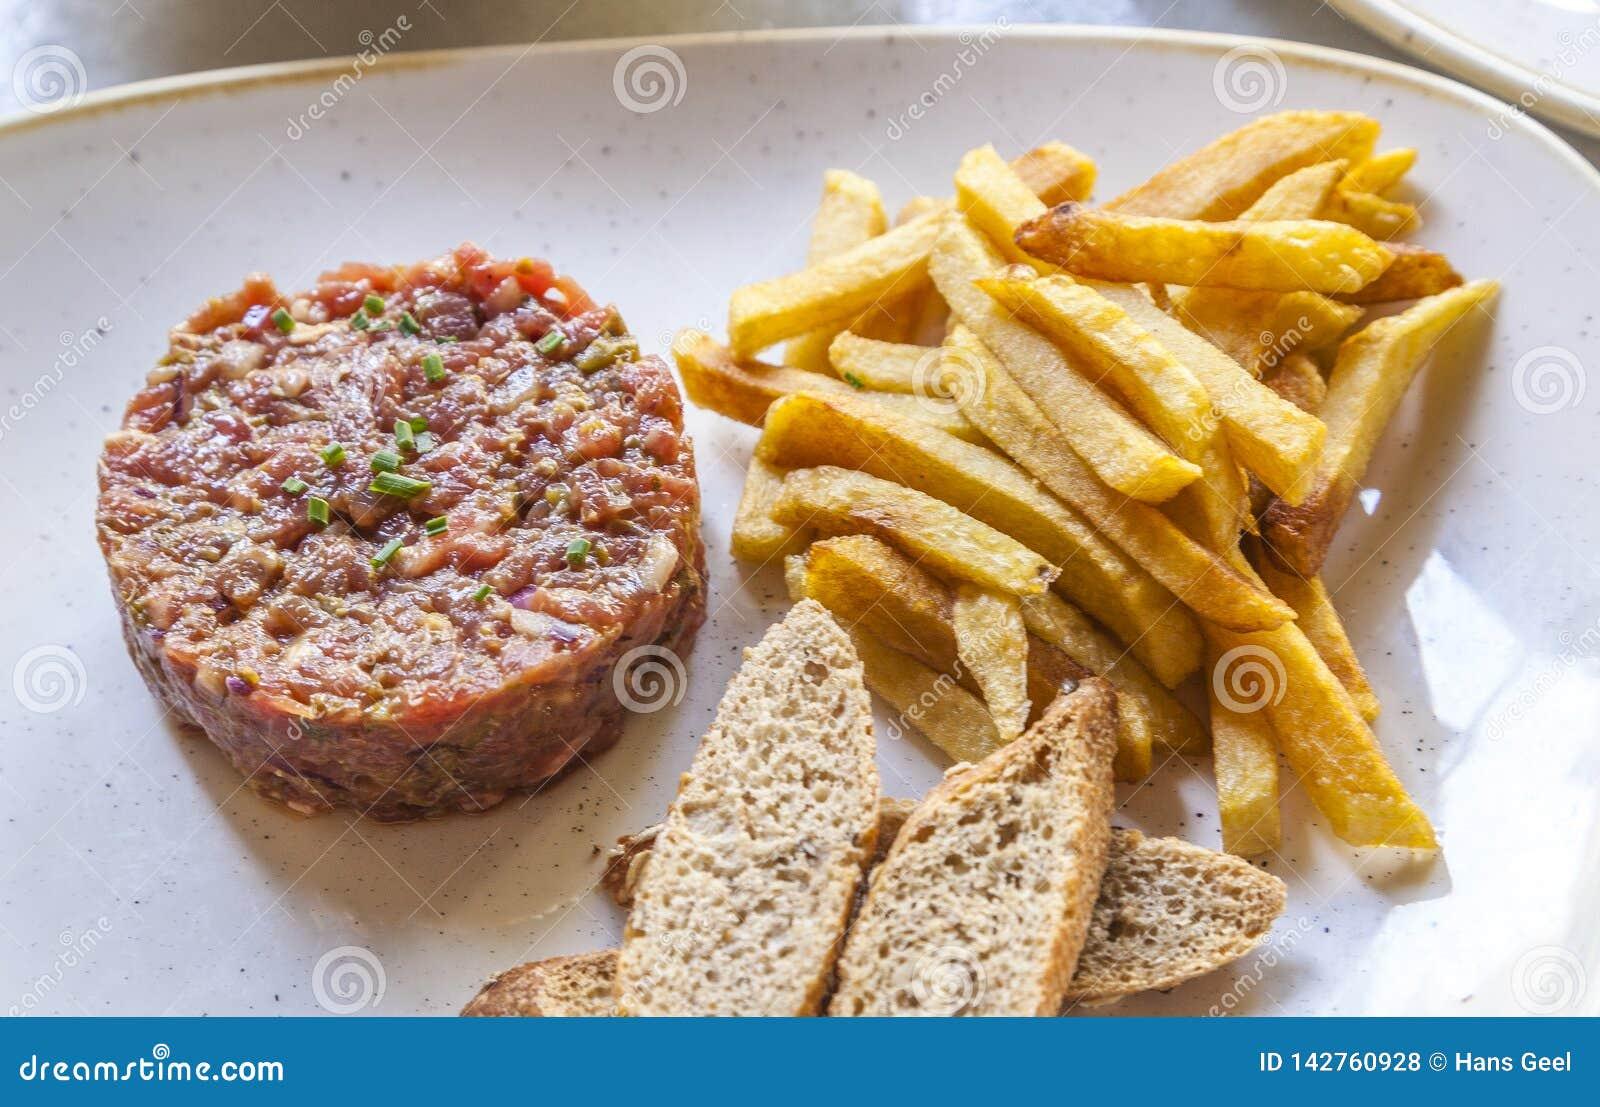 Carne a la tártara servida con las fritadas